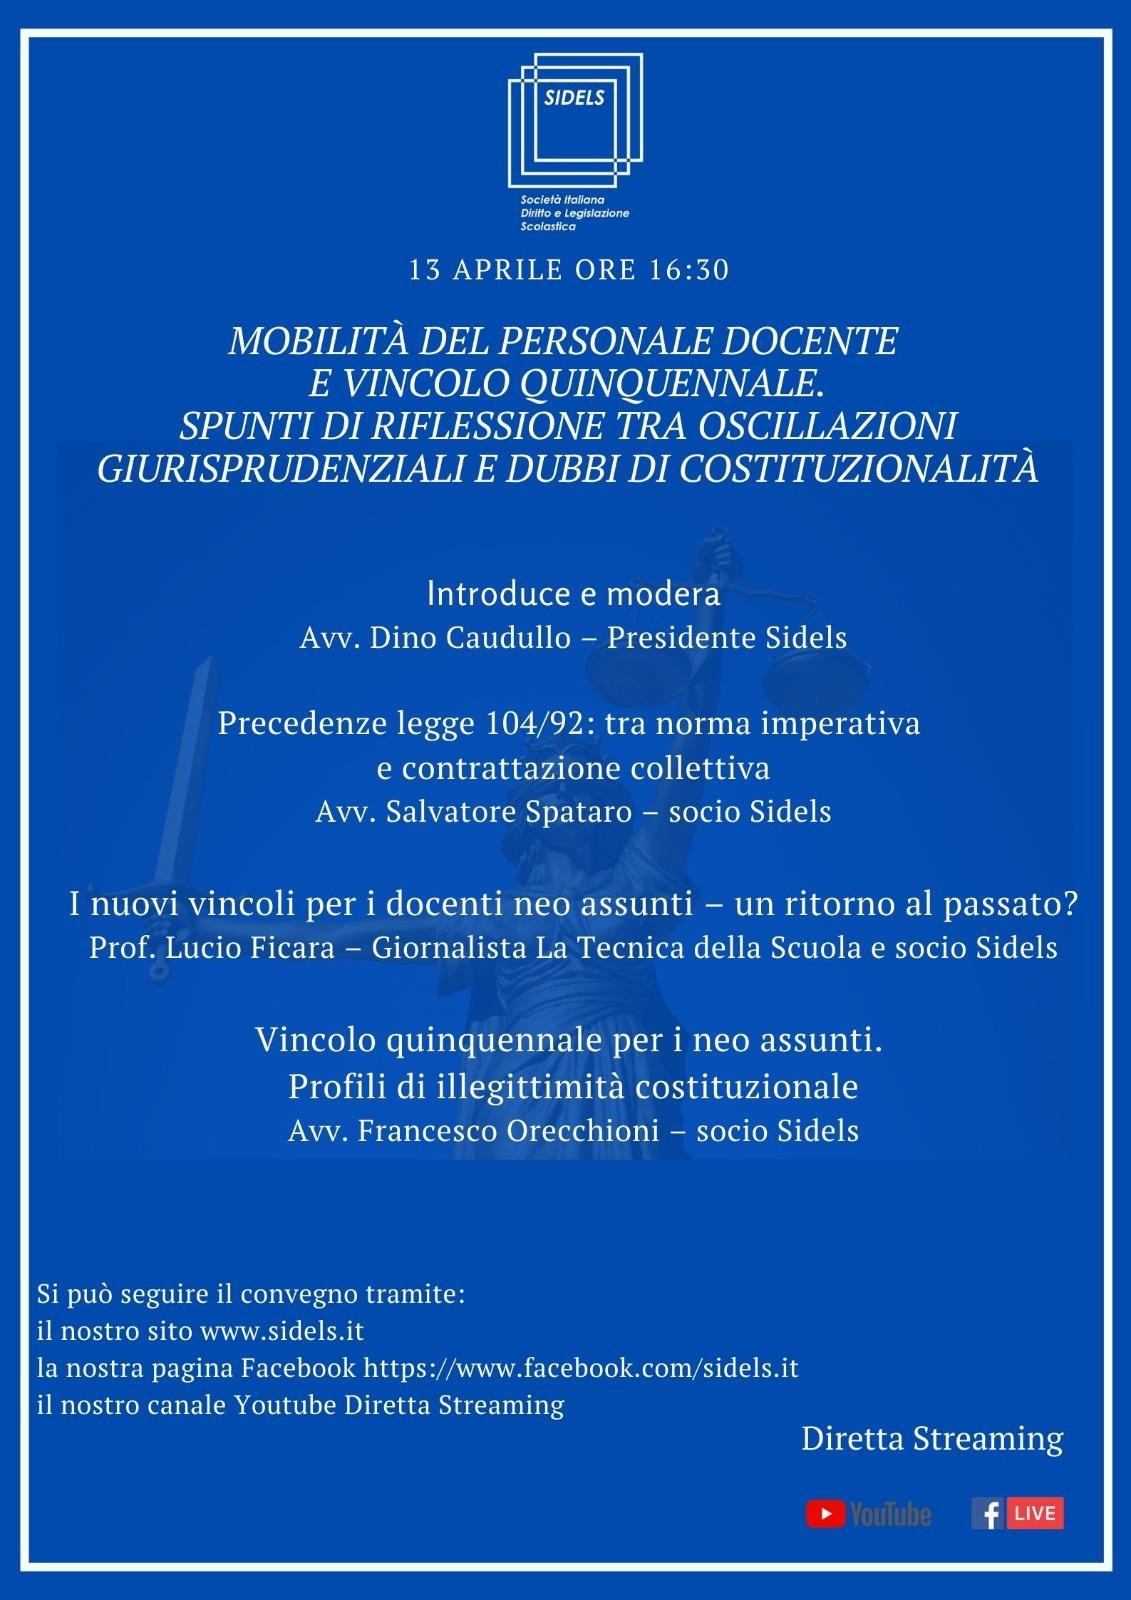 Convegno 13 aprile ore 16:30: Mobilità del personale docente e vincolo quinquennale. Spunti di riflessione tra oscillazioni giurisprudenziali e dubbi di costituzionalità.